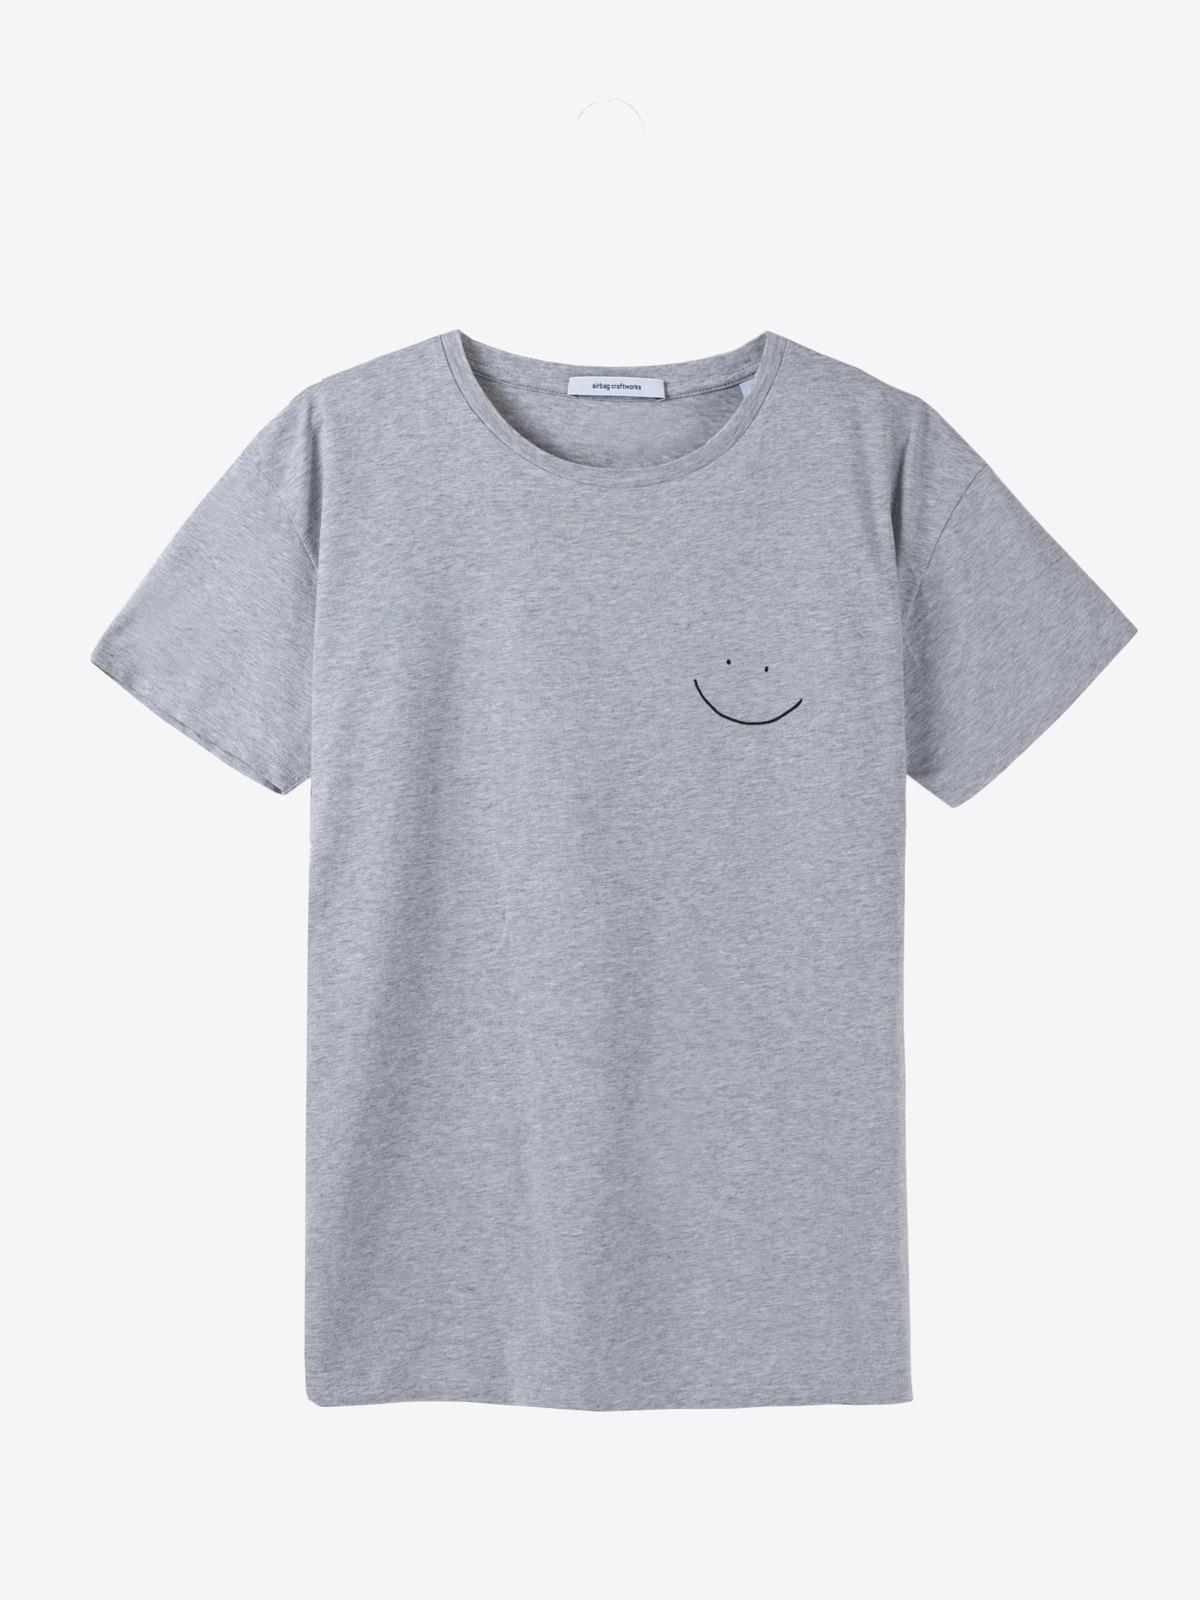 A2 simply happy | grey